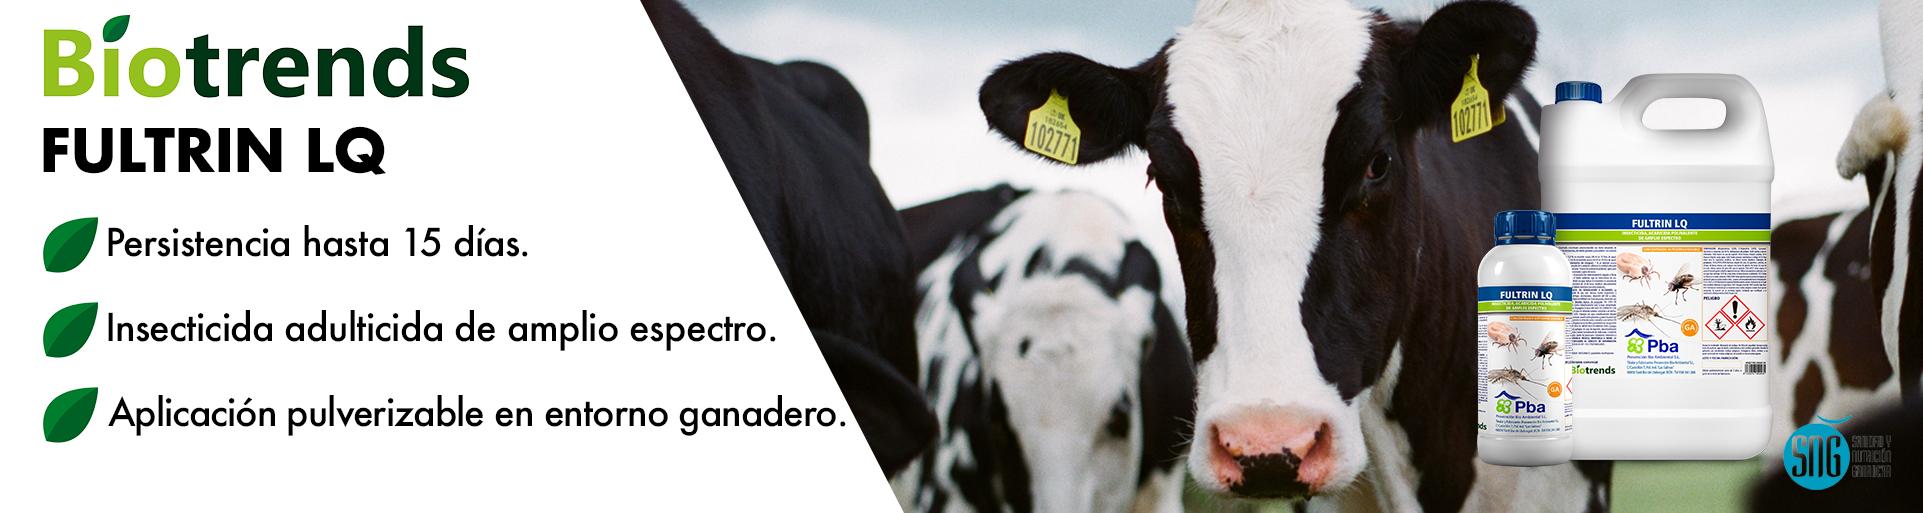 Banner Fultrin LQ_Bio Trends Ibérica S.L._SNG